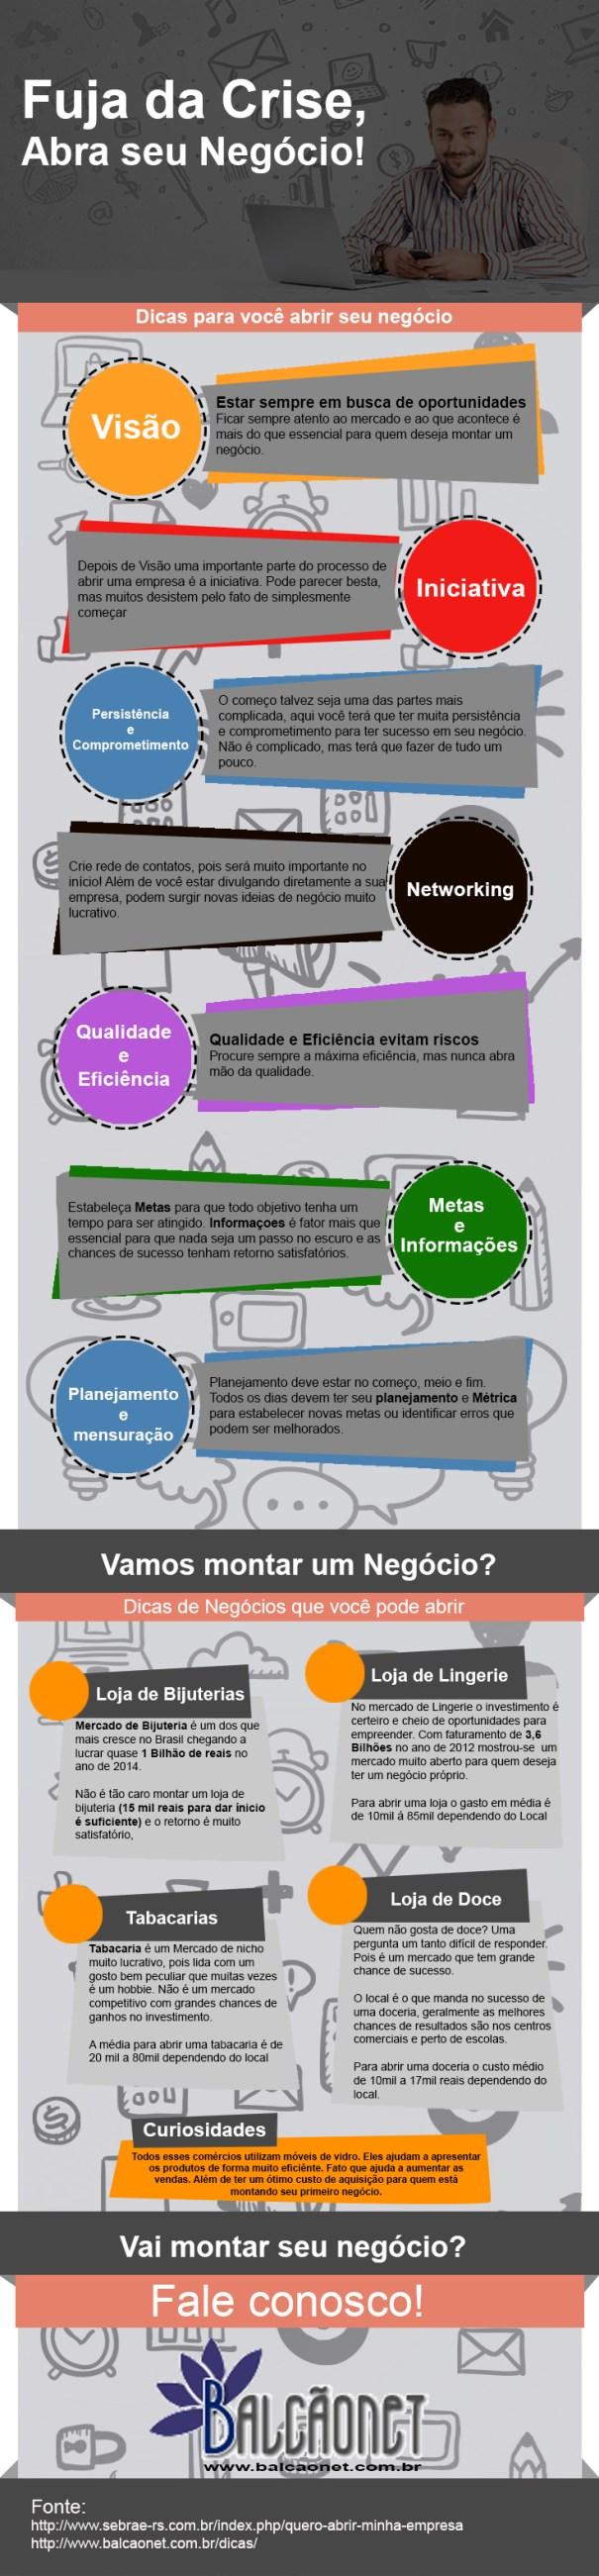 Infográfico Como Montar um Negócio